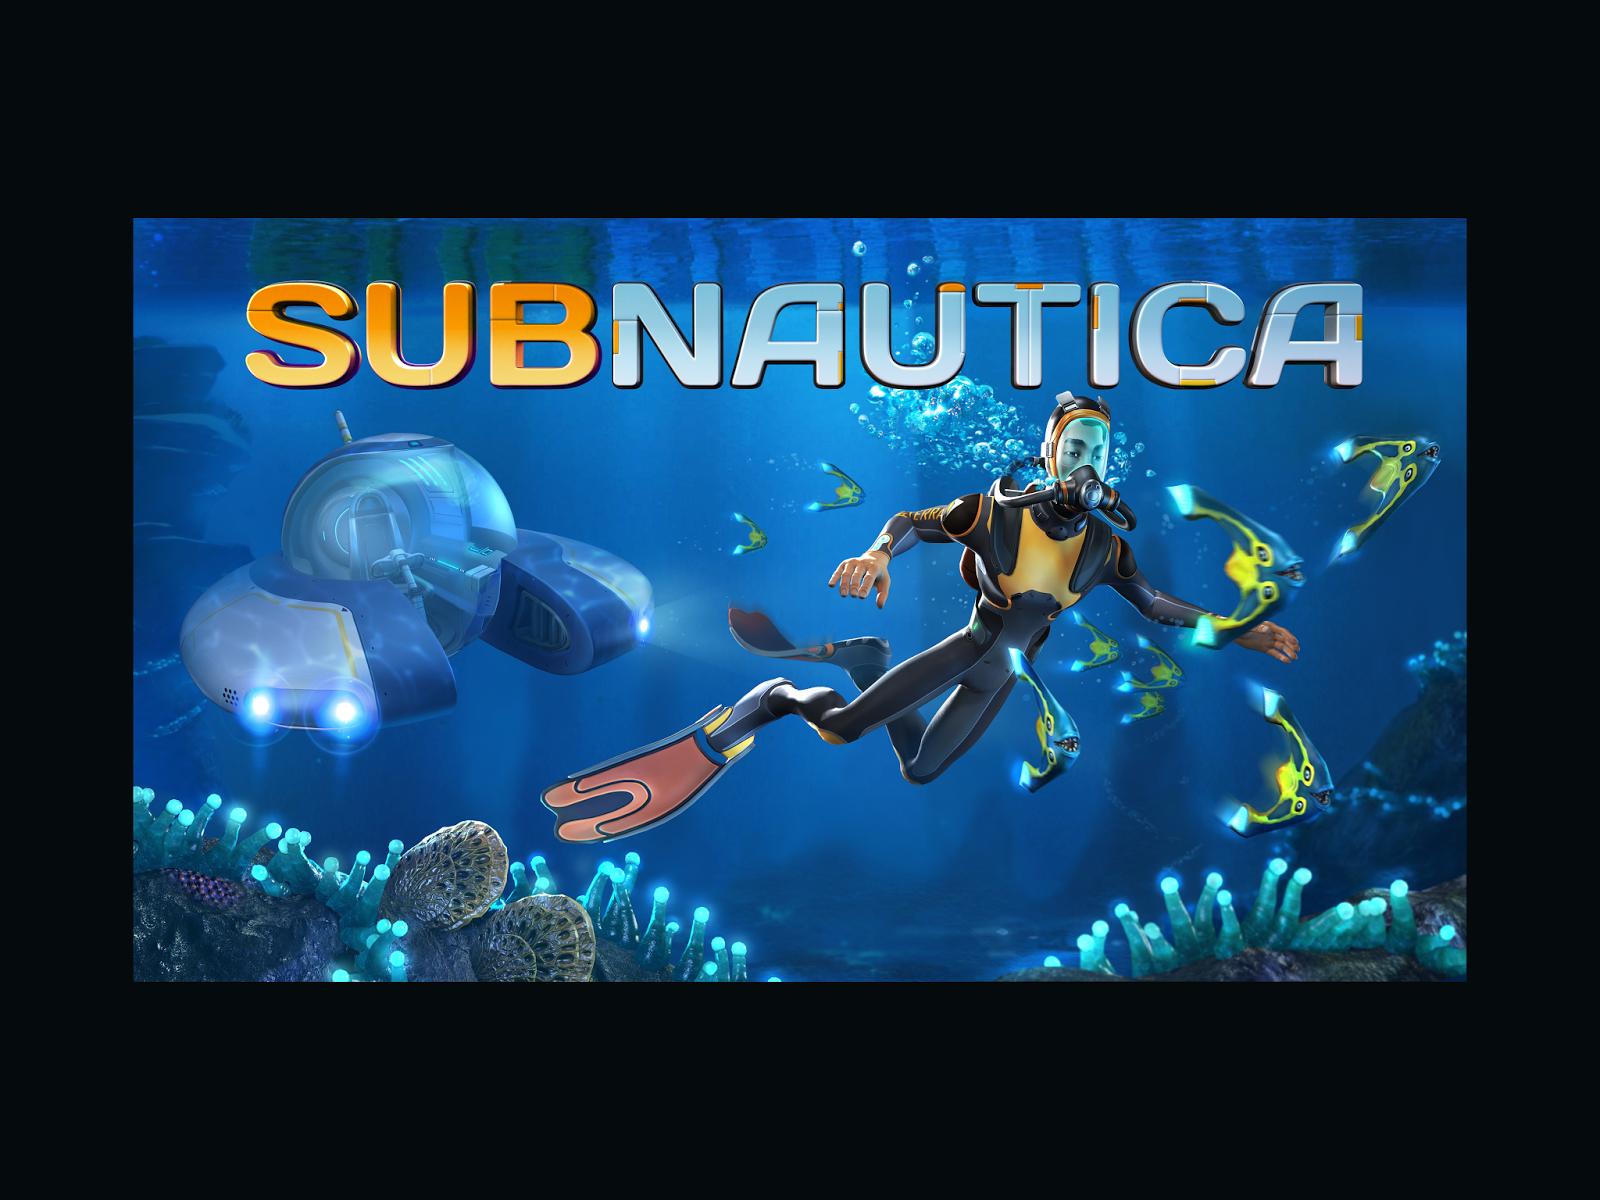 subnautica - photo #29